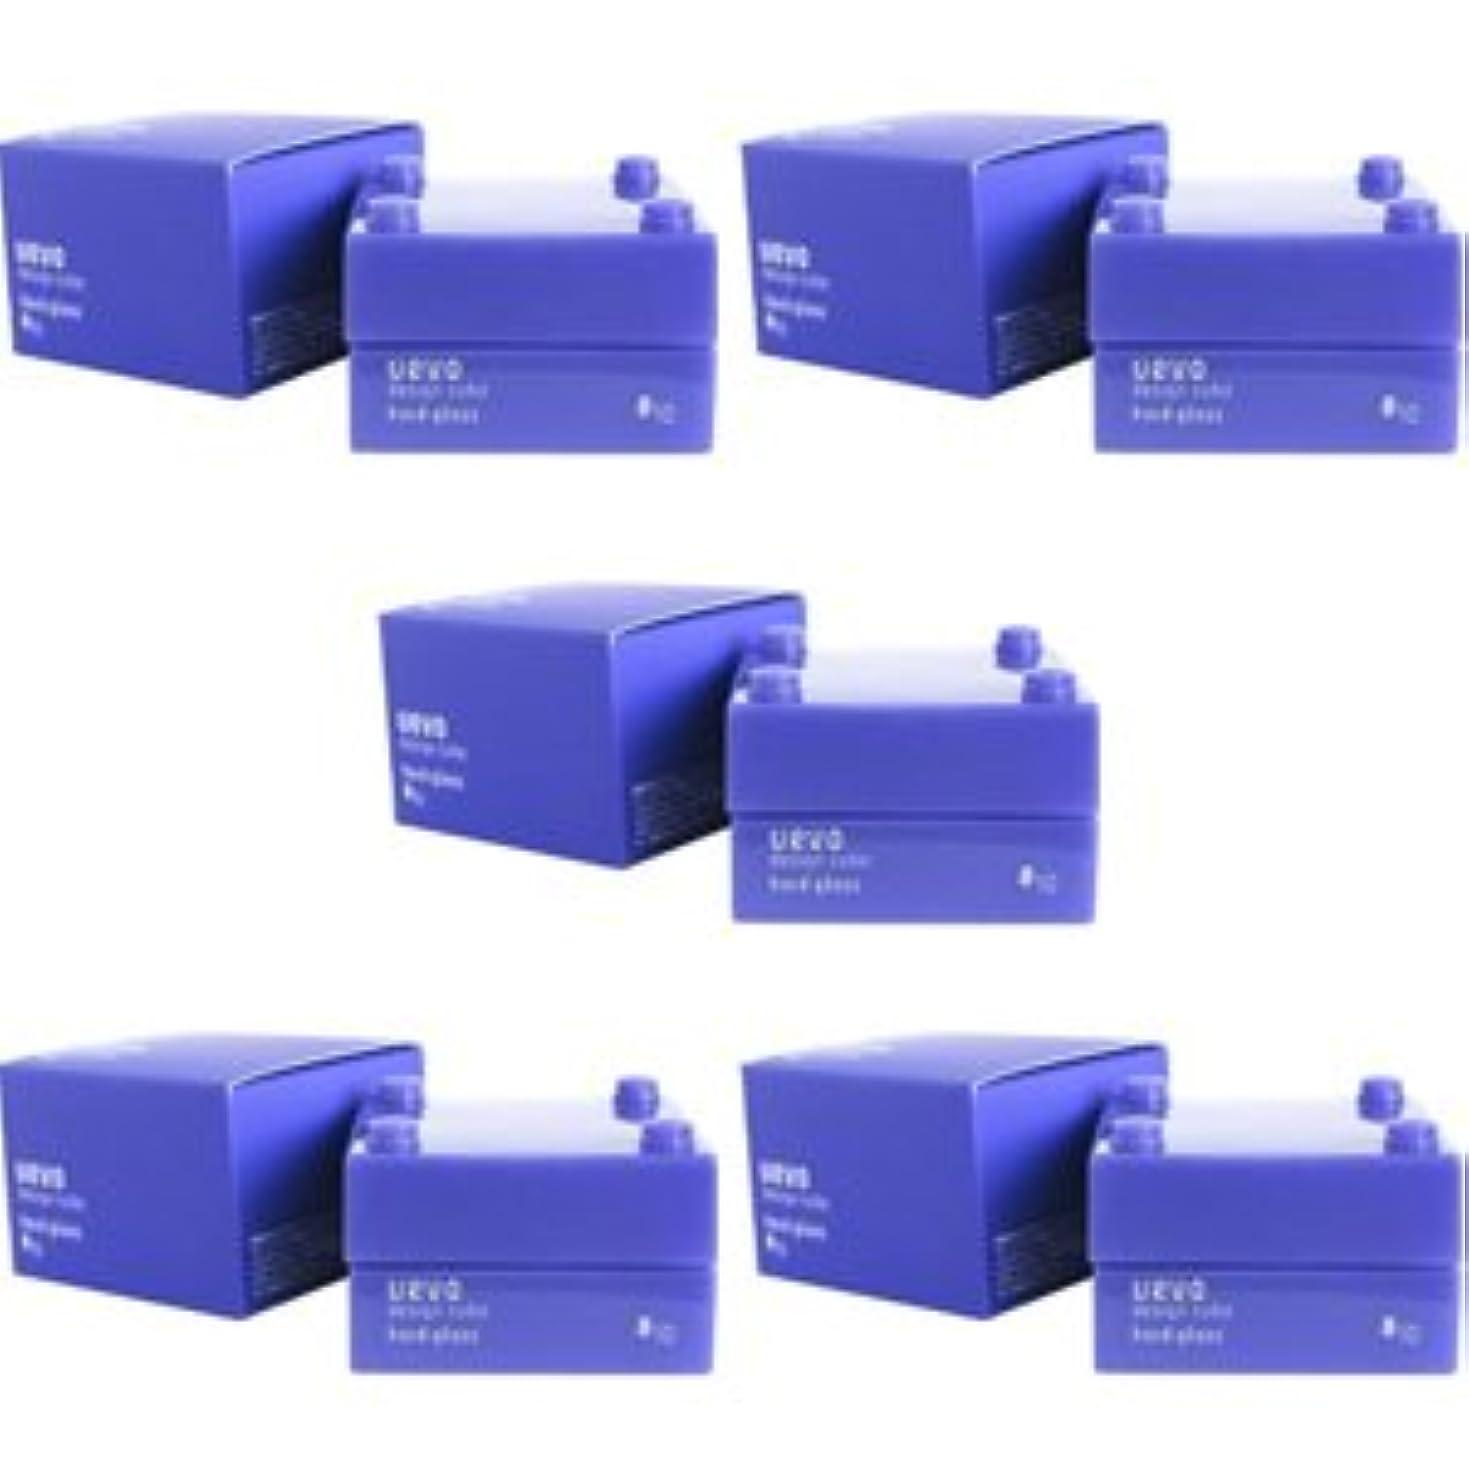 有料毒欠席【X5個セット】 デミ ウェーボ デザインキューブ ハードグロス 30g hard gloss DEMI uevo design cube